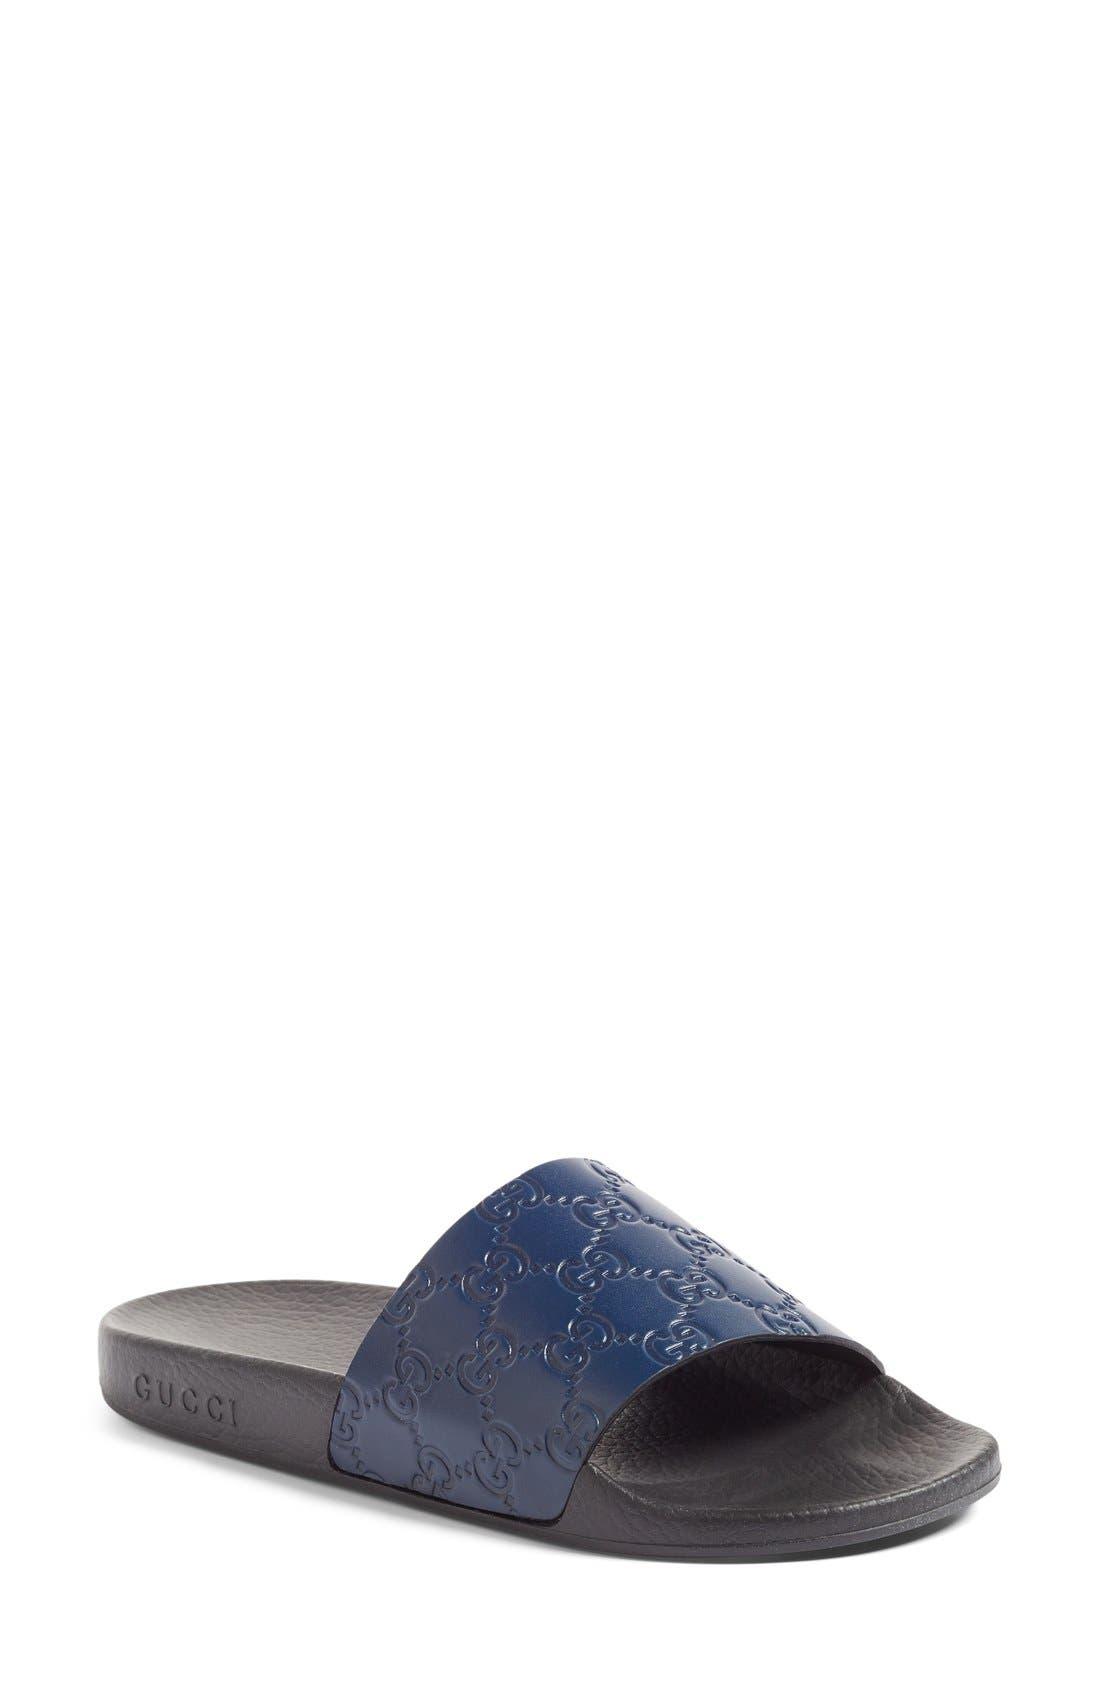 Pursuit Logo Slide Sandal,                         Main,                         color, 400